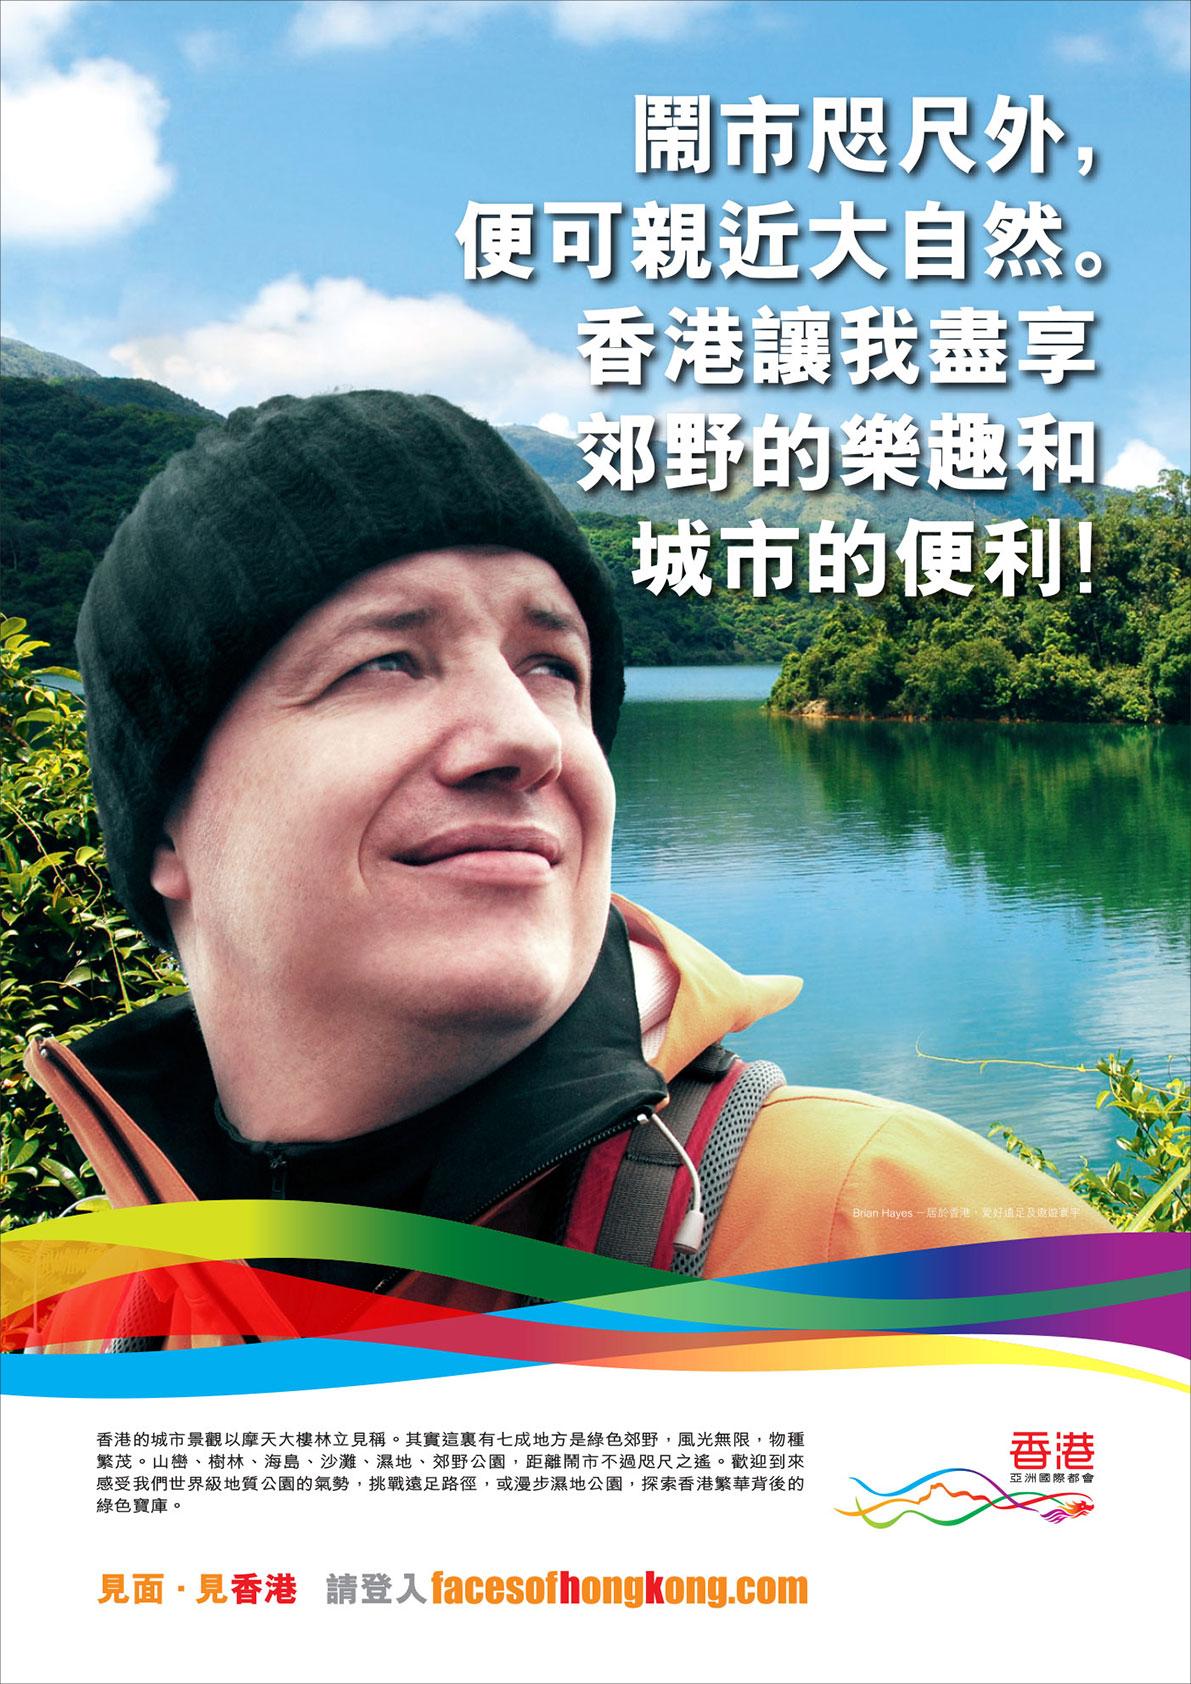 Faces of Hong Kong- Brian Hayes